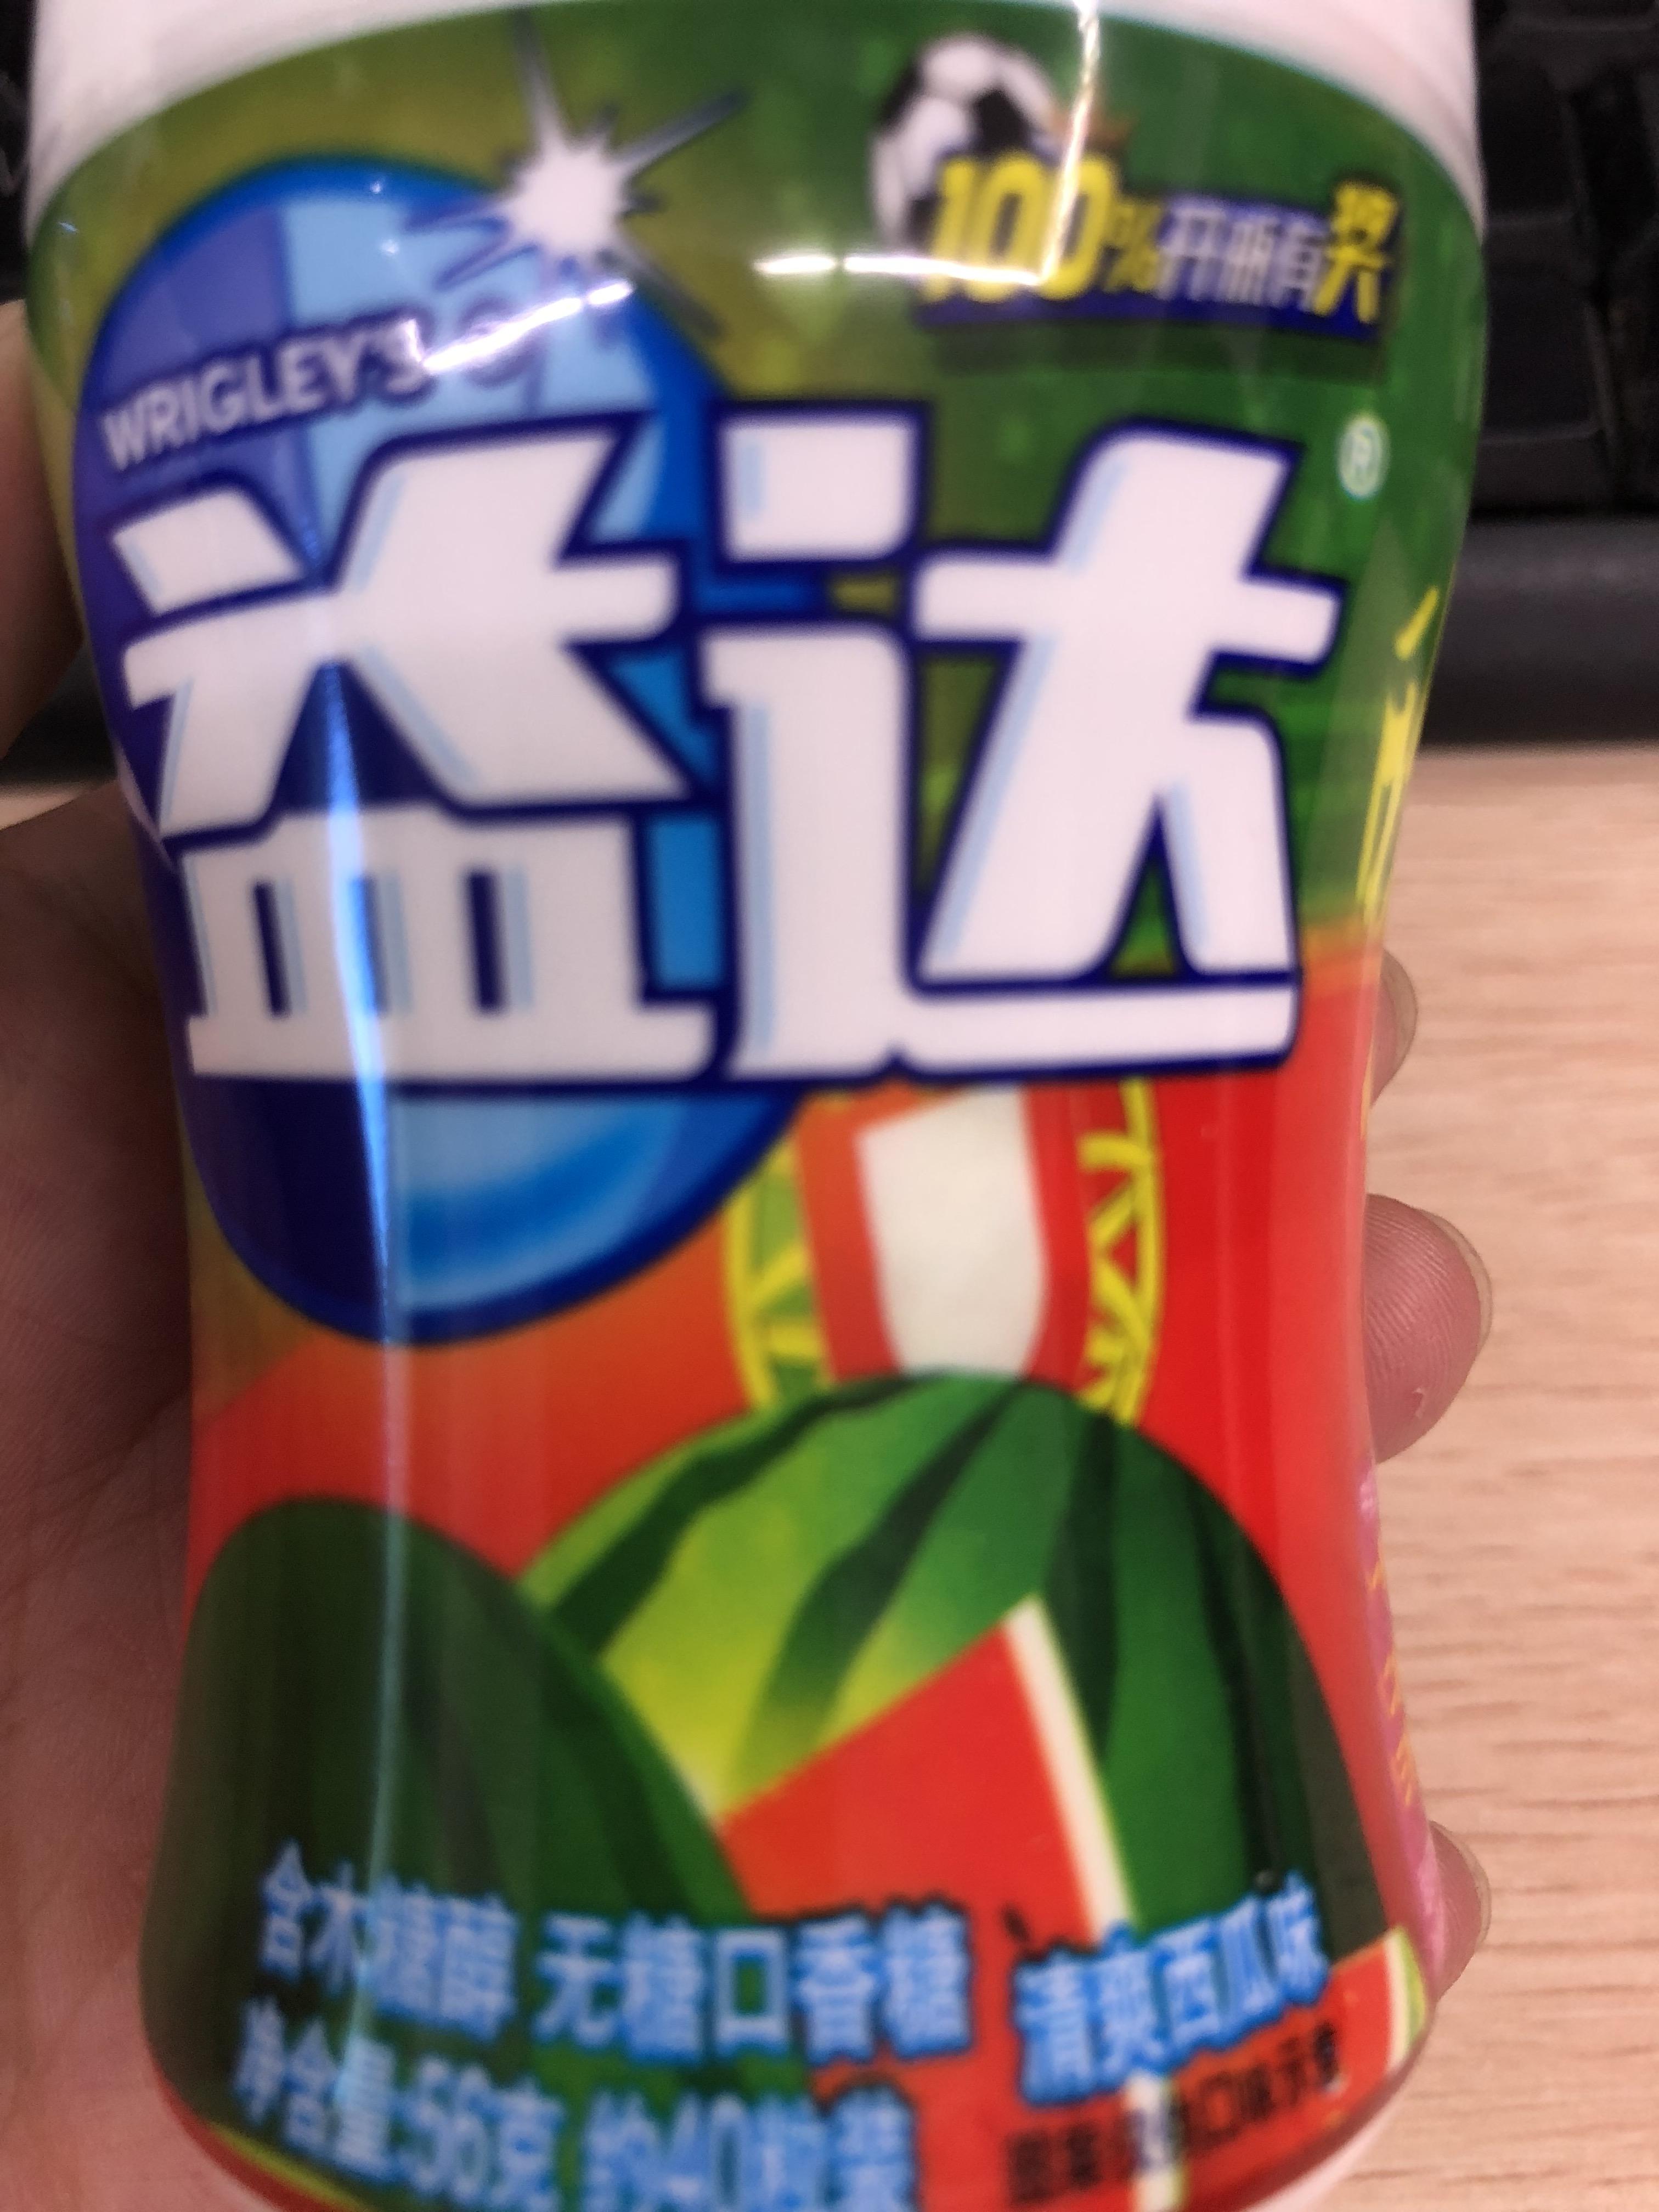 益達|木糖醇無糖口香糖|口香糖